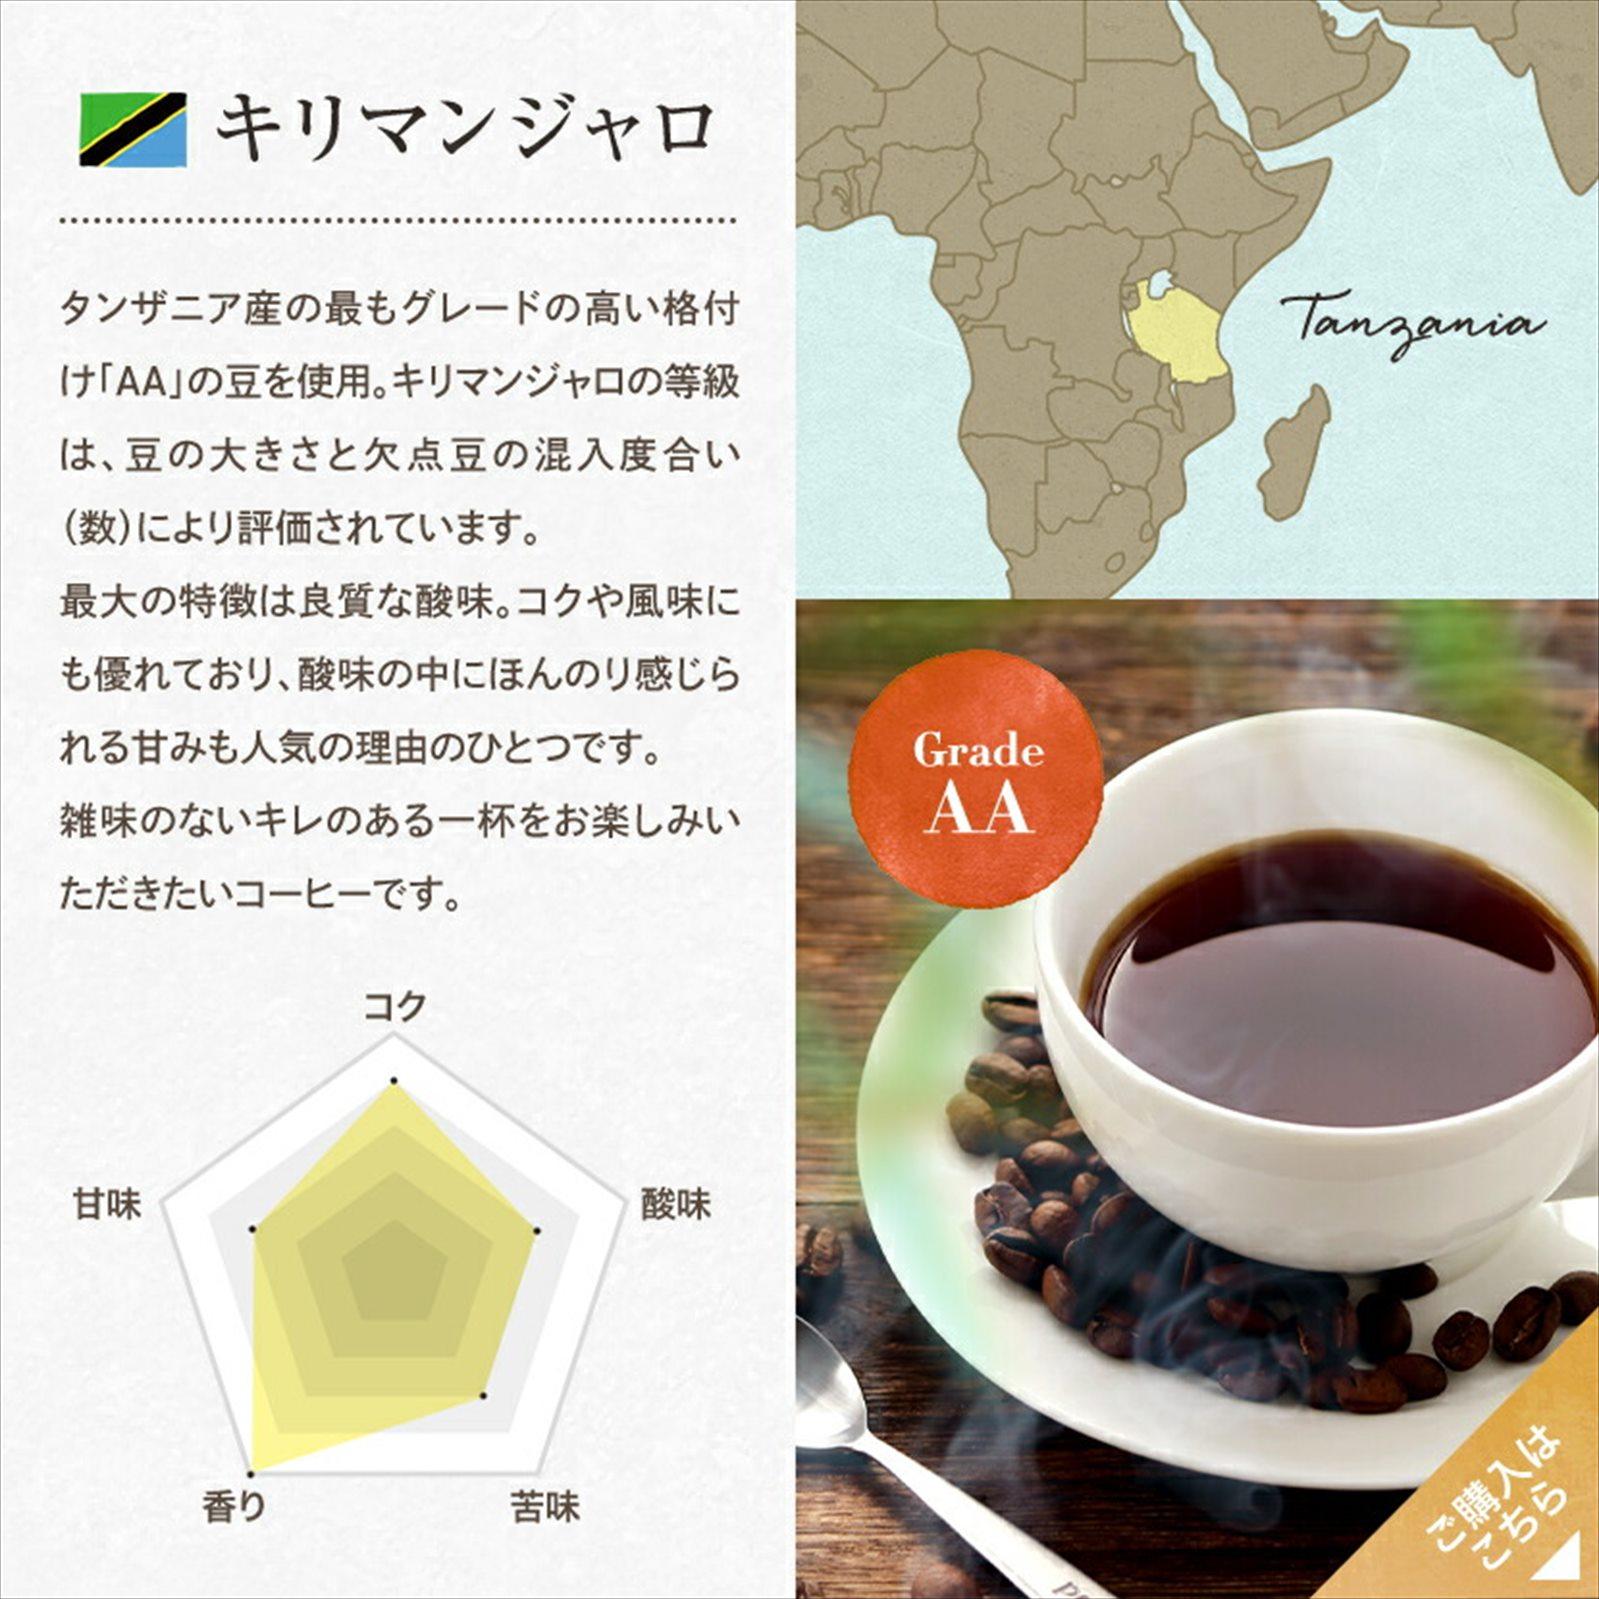 コーヒー 珈琲 MGCテトラコーヒー エチオピア モカ 6g30包 2000円  ティーパック 水出しコーヒー